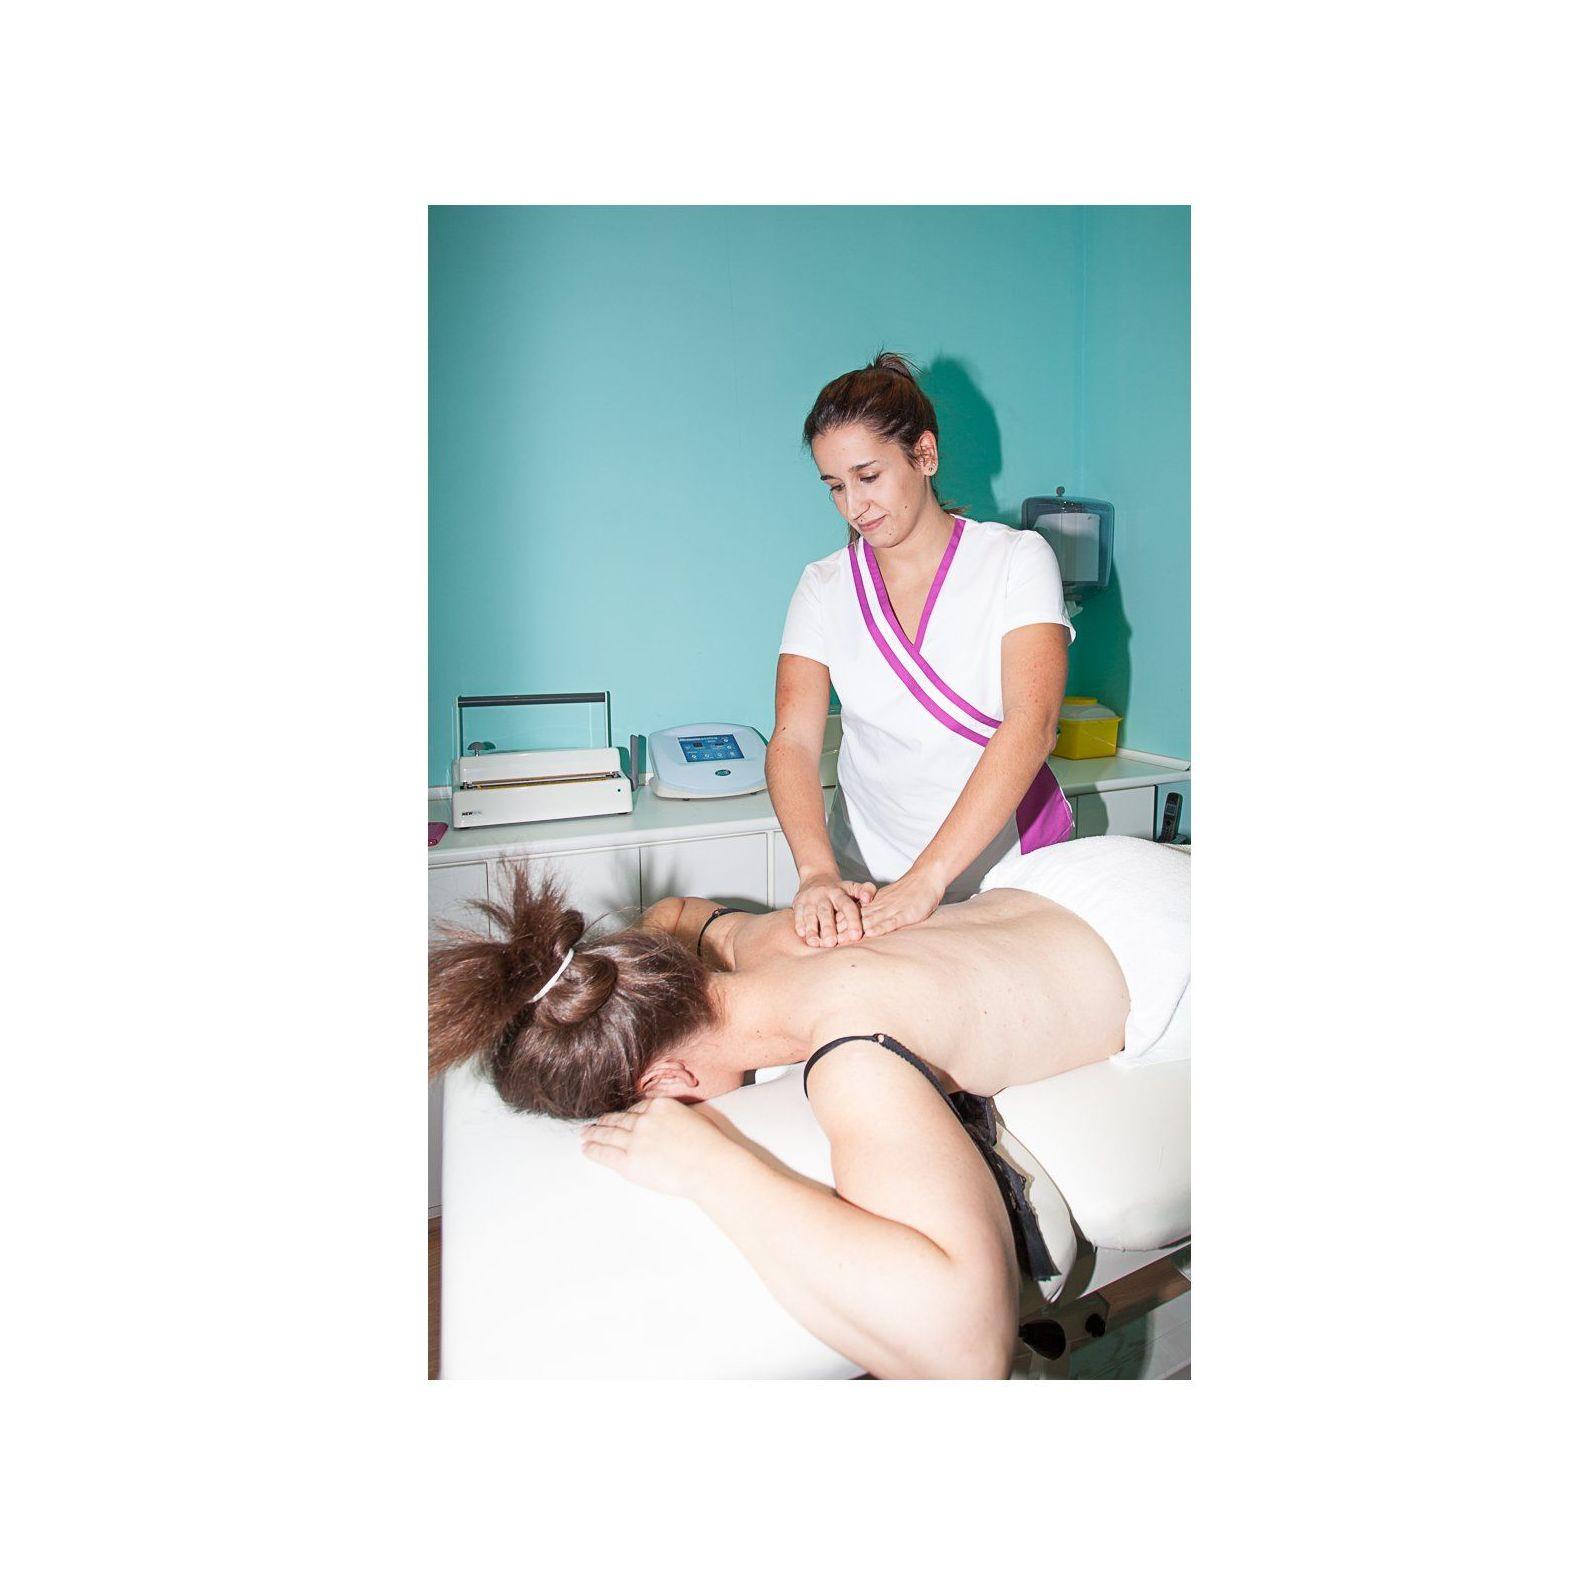 Fisioterapia clásica: Tratamientos y precios de Clínica Anyme